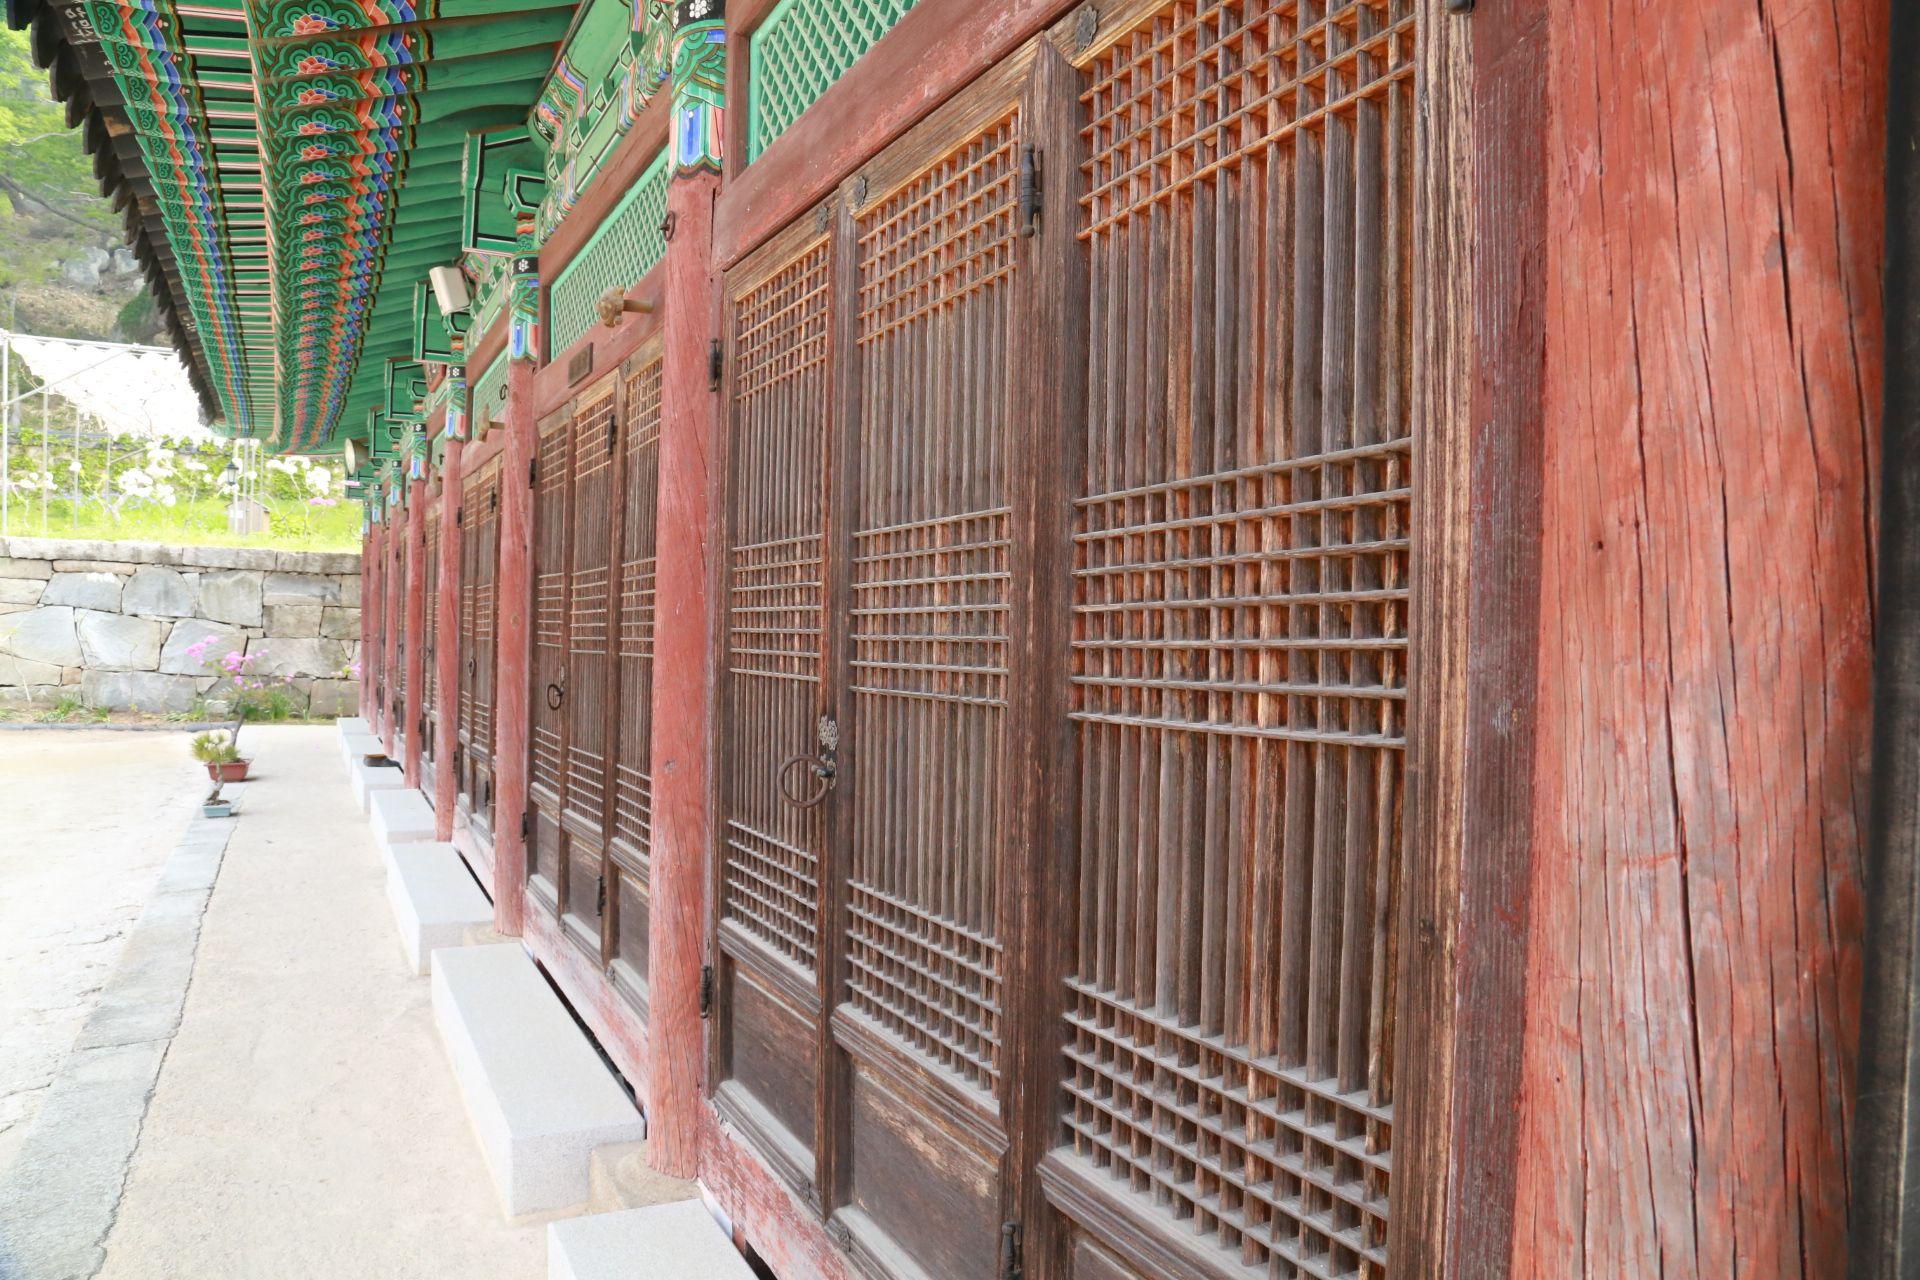 수덕사와 석가탄신일 Buddha's Birthday at Sudeoksa    수덕사  http://en.wikipedia.org/wiki/Sudeoksa  homepage   http://www.sudeoksa.com/      우리들한의원 무료앱 다운법 사상체질진단가능 free app. sasang diagnosis program.  http://www.iwooridul.com/app-update